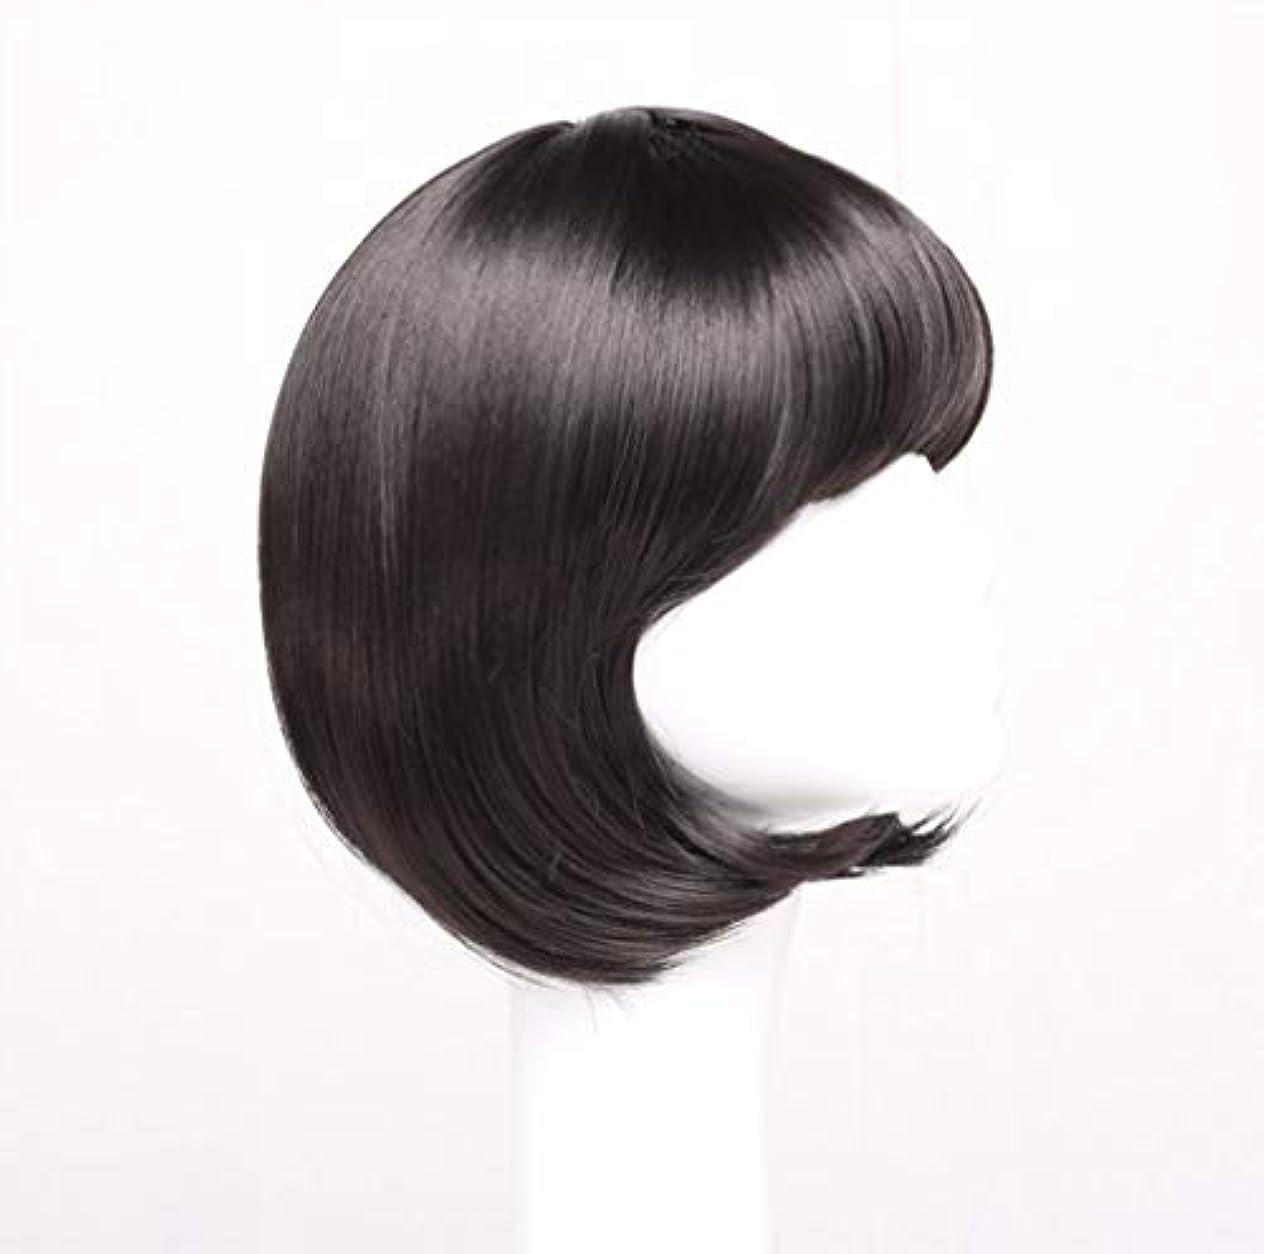 コーナー私たち援助女性かつらショートボブ波状マイクロ巻き毛合成毎日パーティーかつらとして本物の髪+無料かつらキャップ